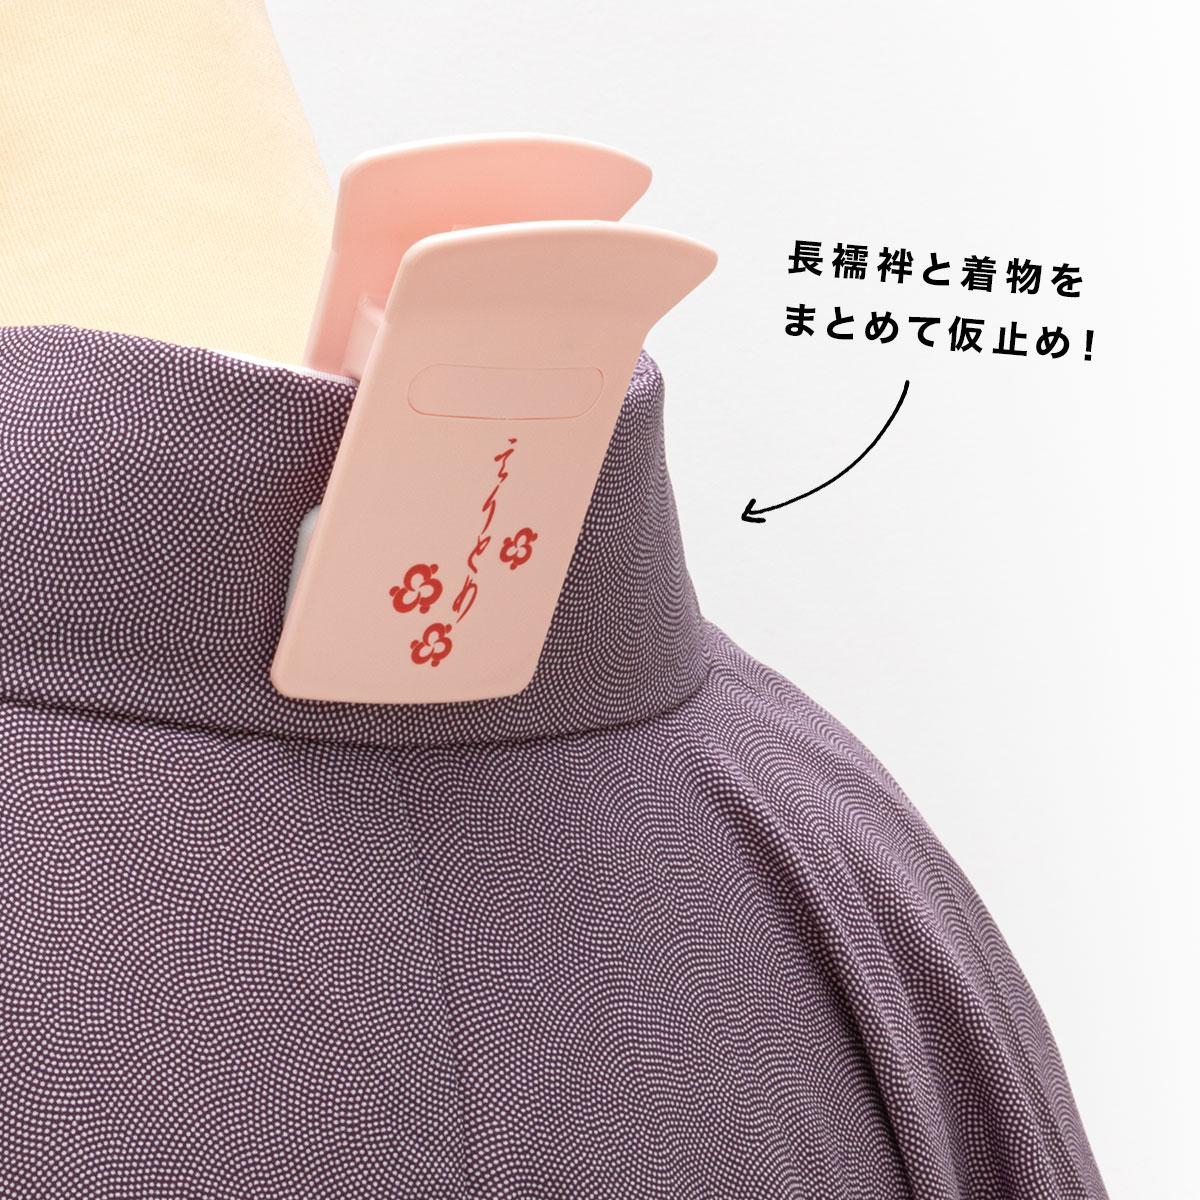 着付けの仮止めに便利な着物クリップ